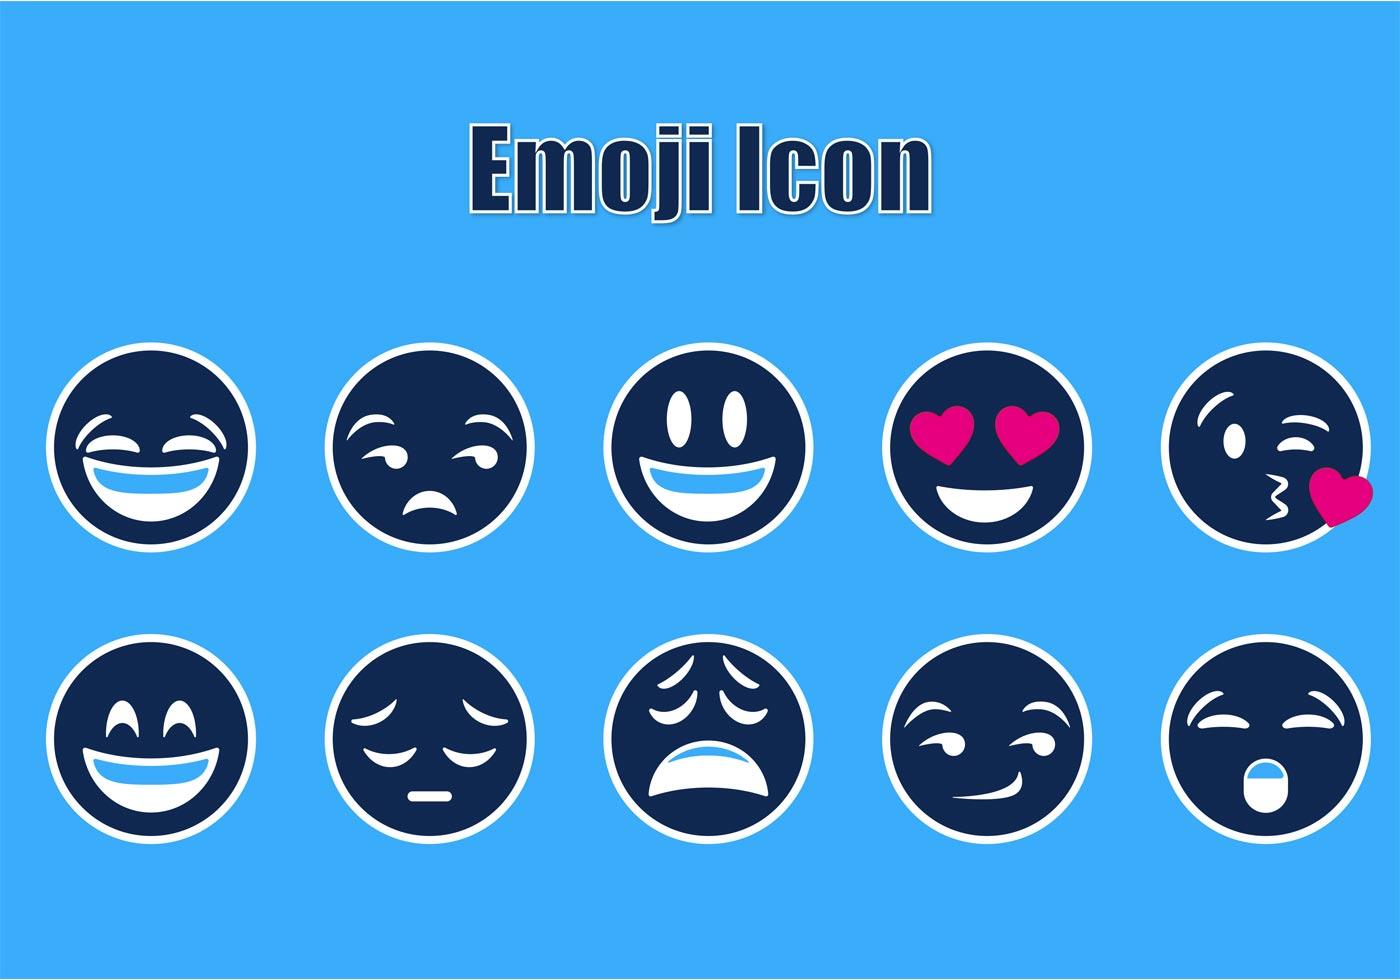 Free Emoji Icon Vectors - Download Free Vector Art, Stock ...